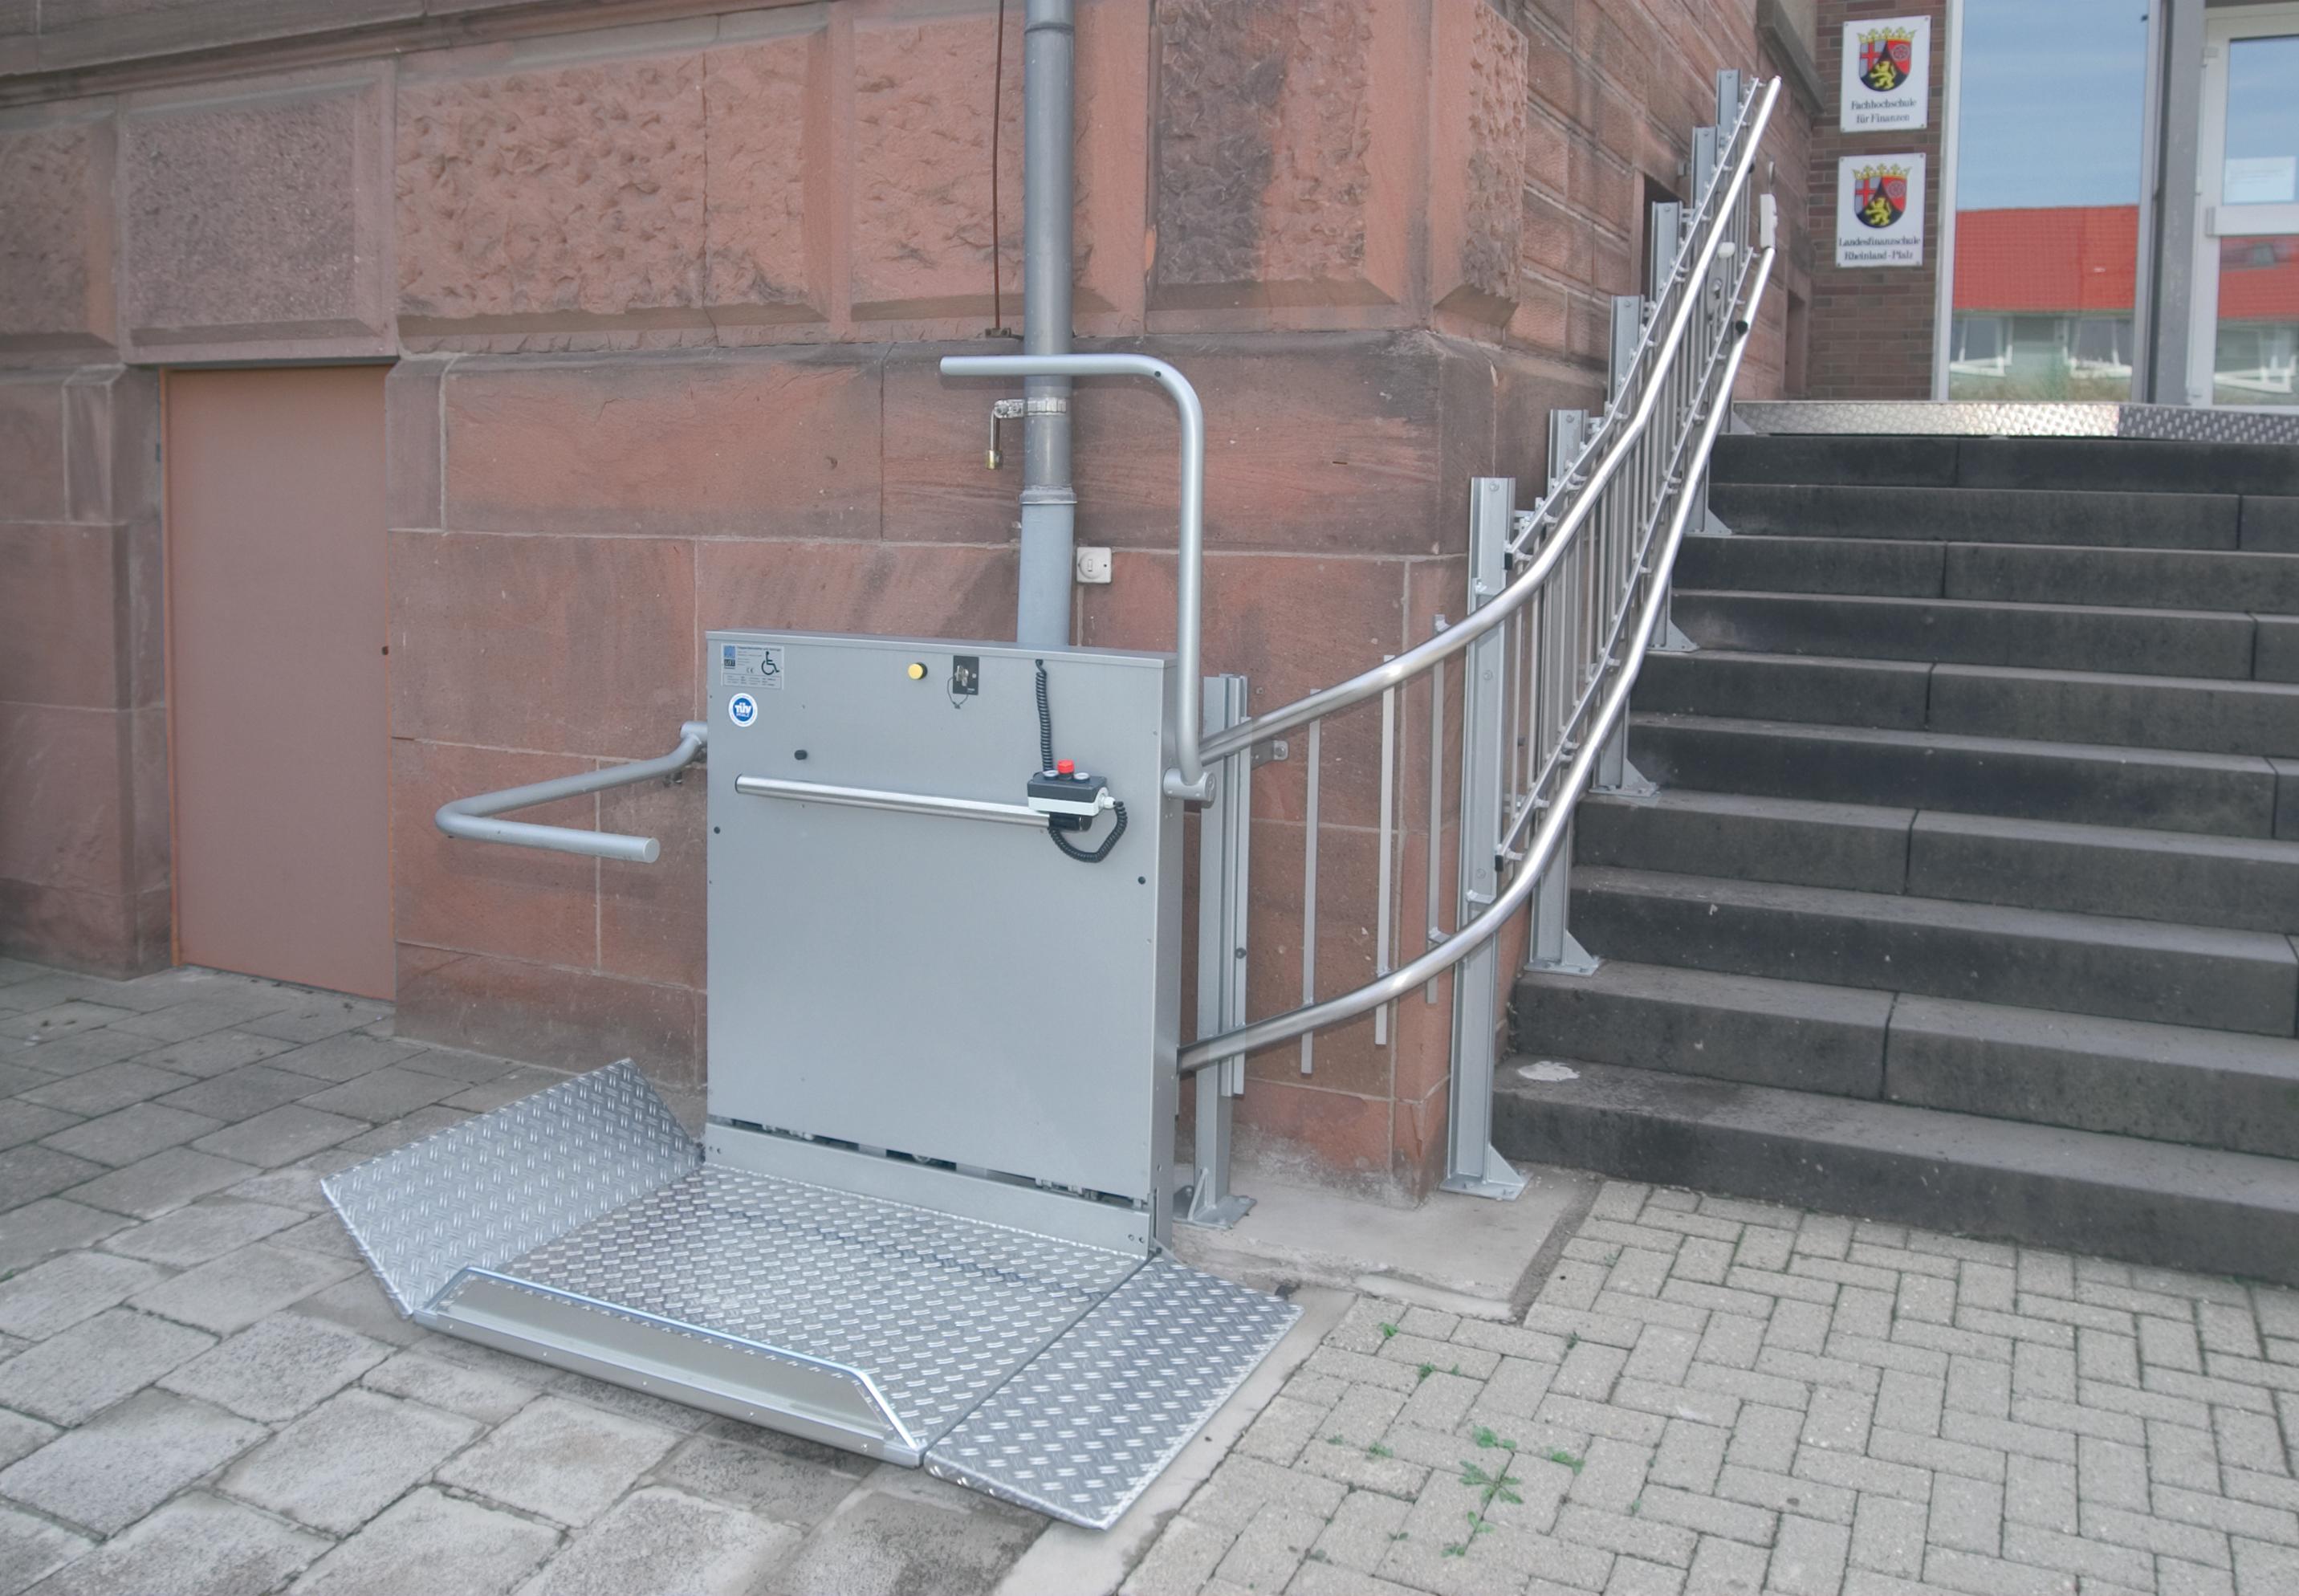 Platforma inclinata pentru persoane cu dizabilitati HIRO 320 - 2 HIRO LIFT - Poza 2